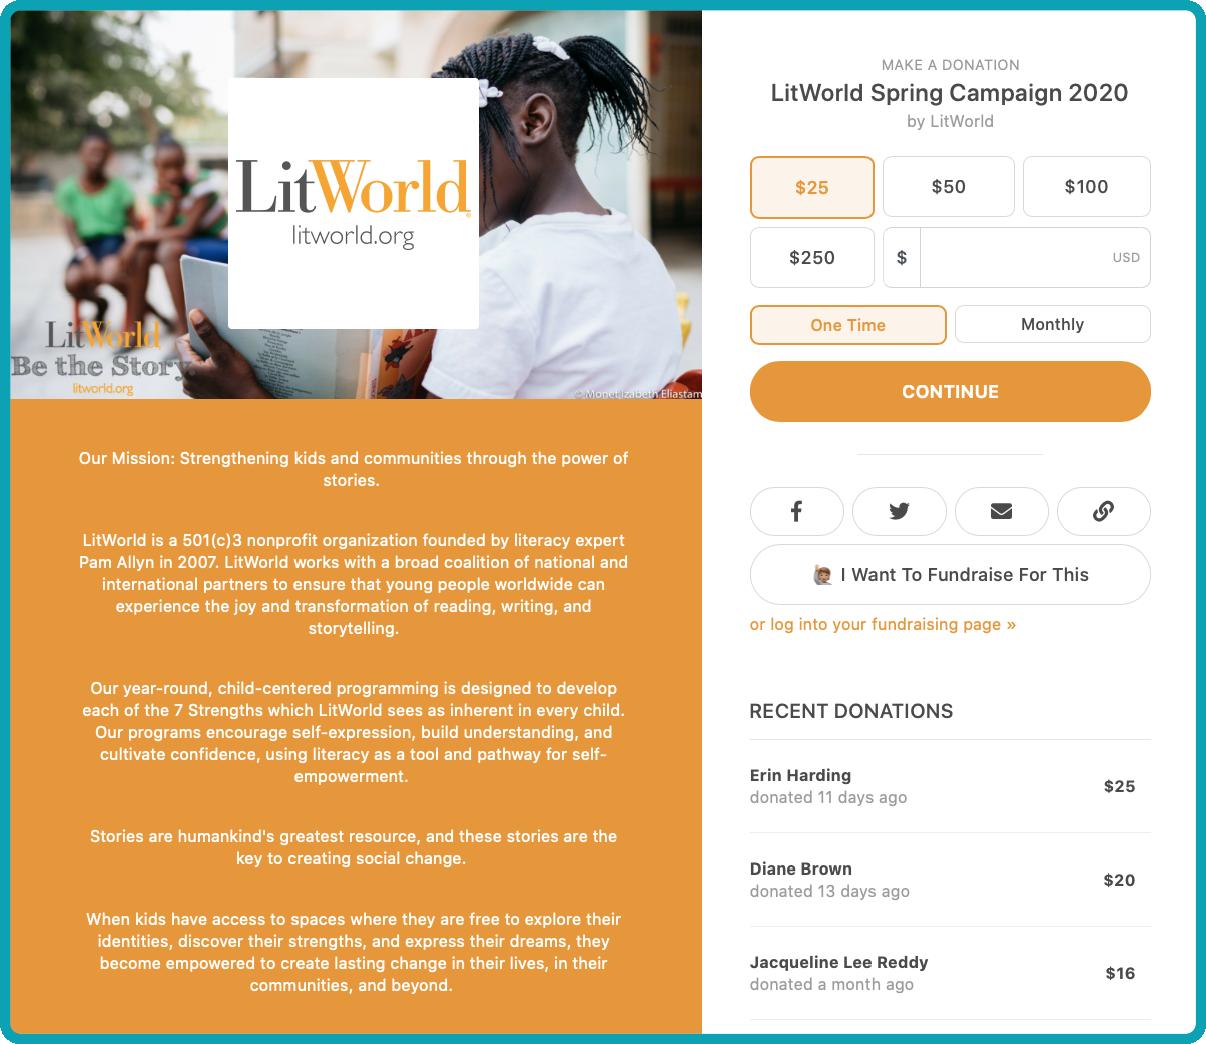 LitWorld Spring Campaign 2020